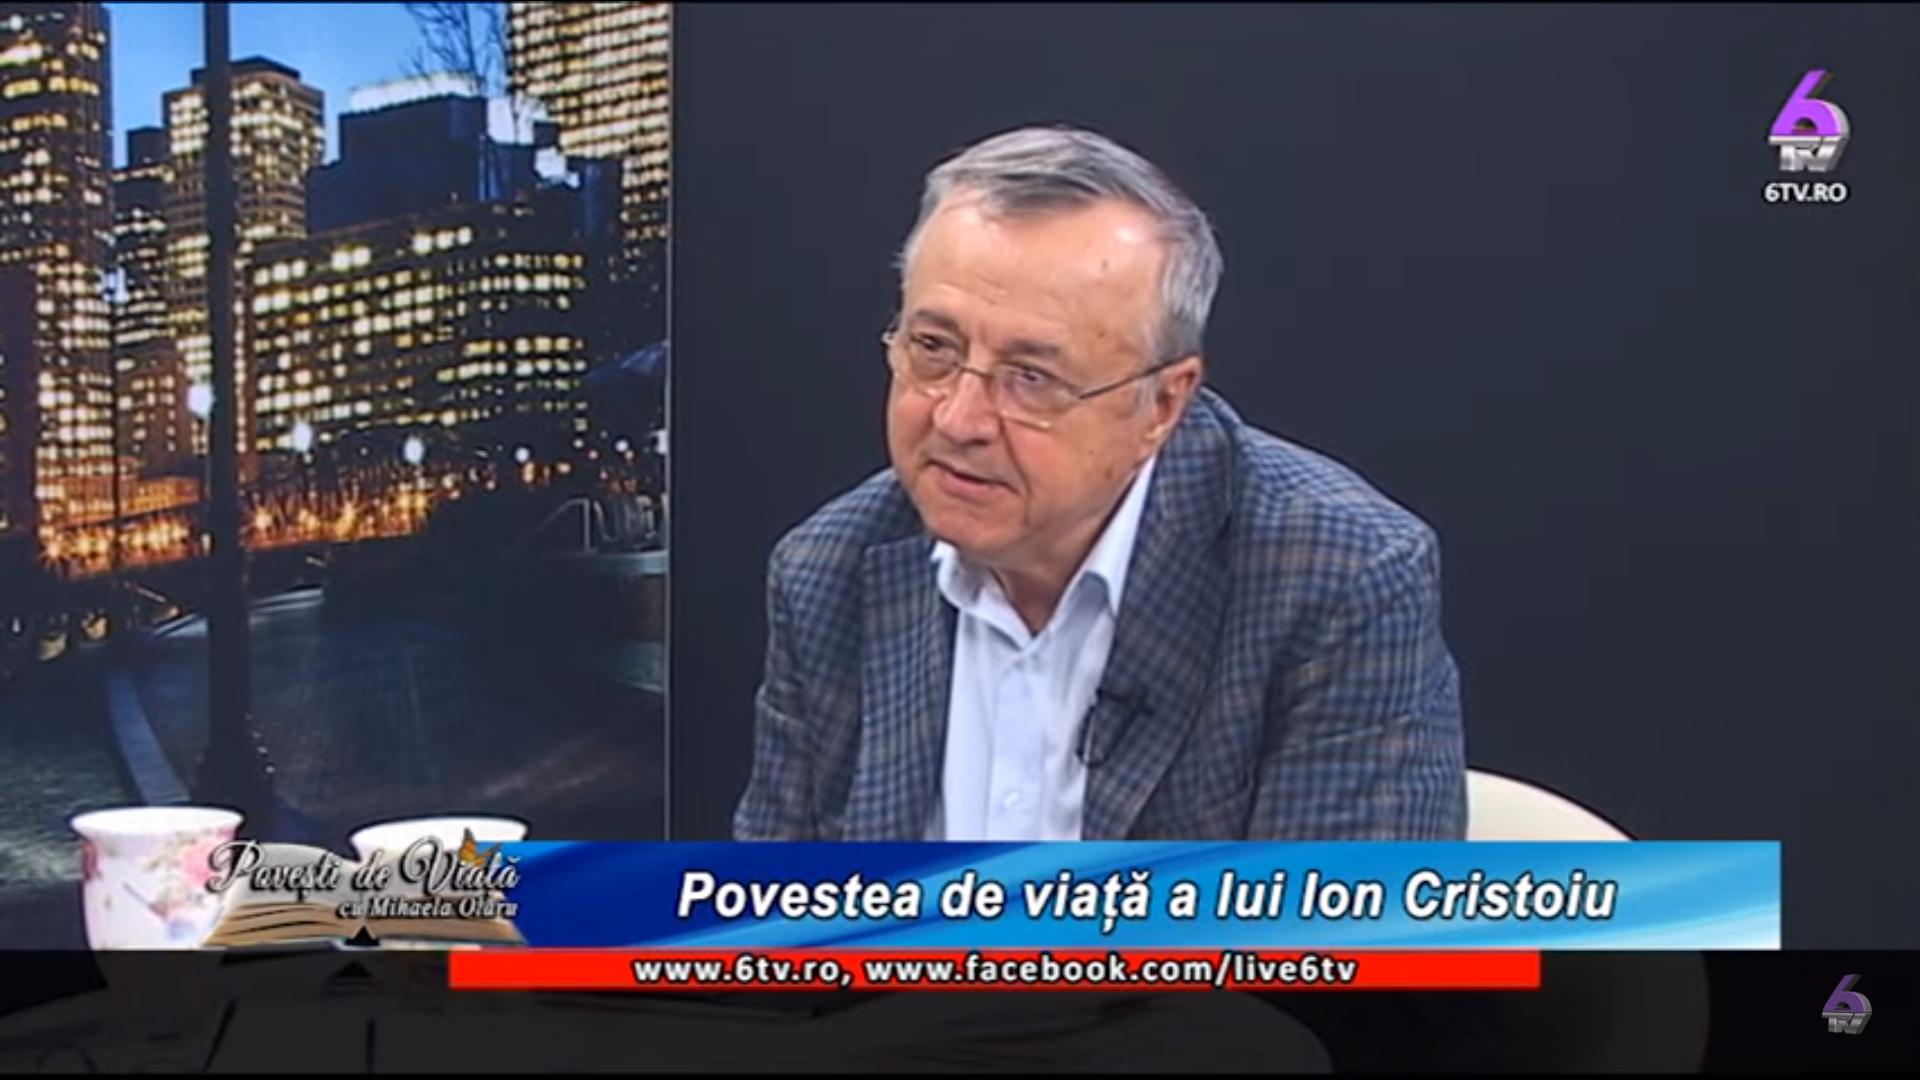 interviu: Jurnalistul și scriitorul Ion Cristoiu